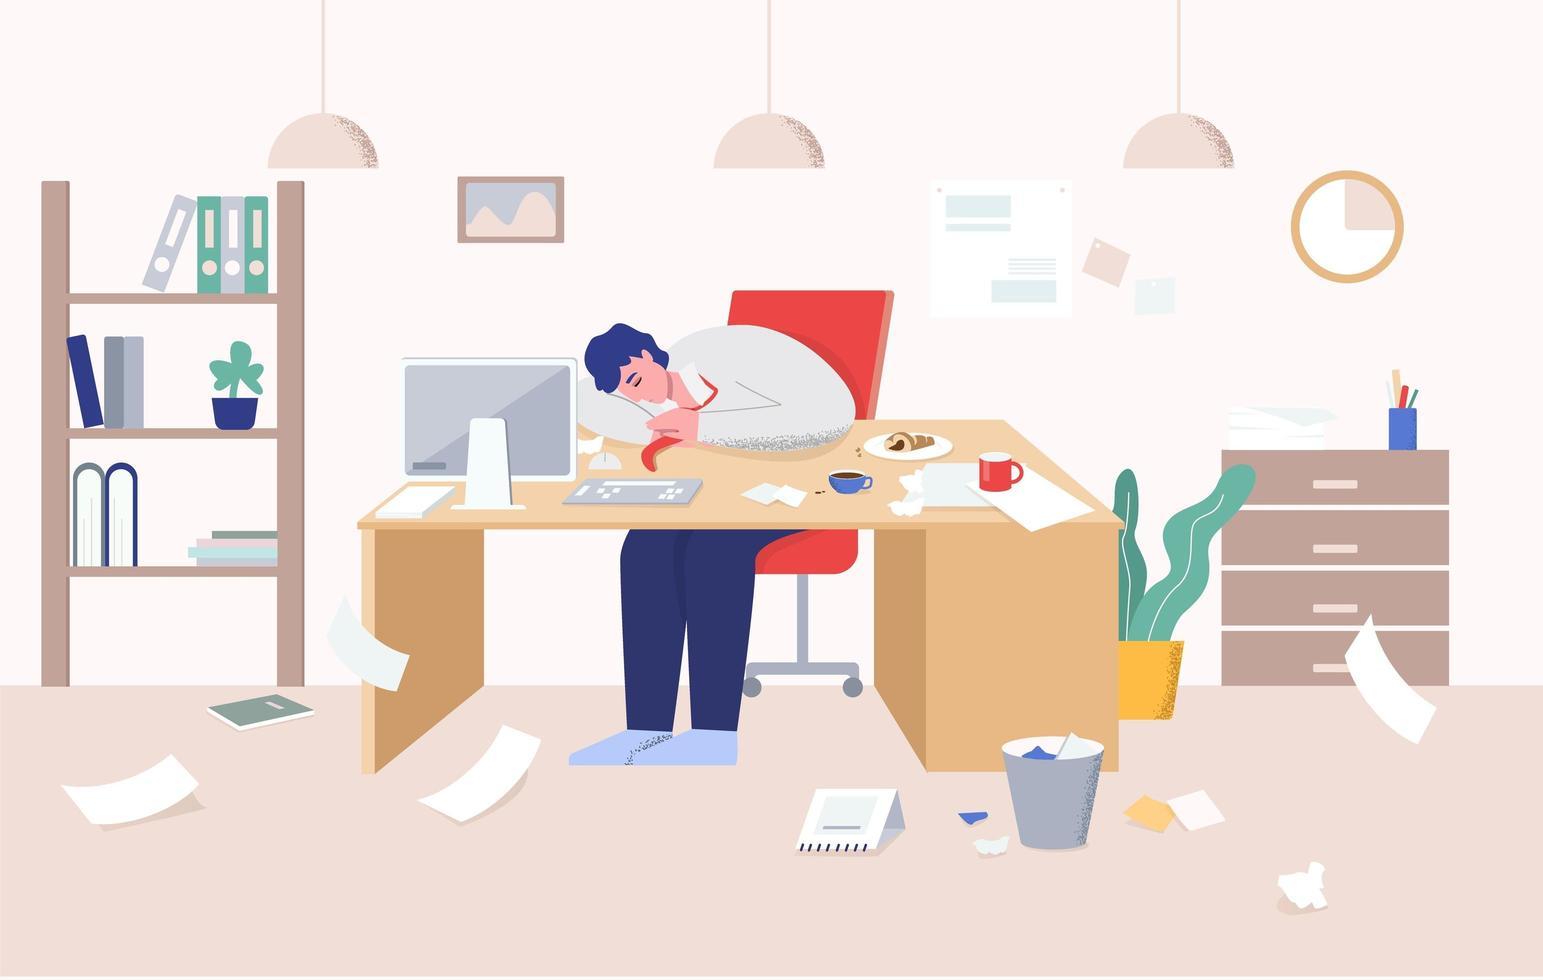 homme entouré de chaos dormant sur un bureau au travail vecteur